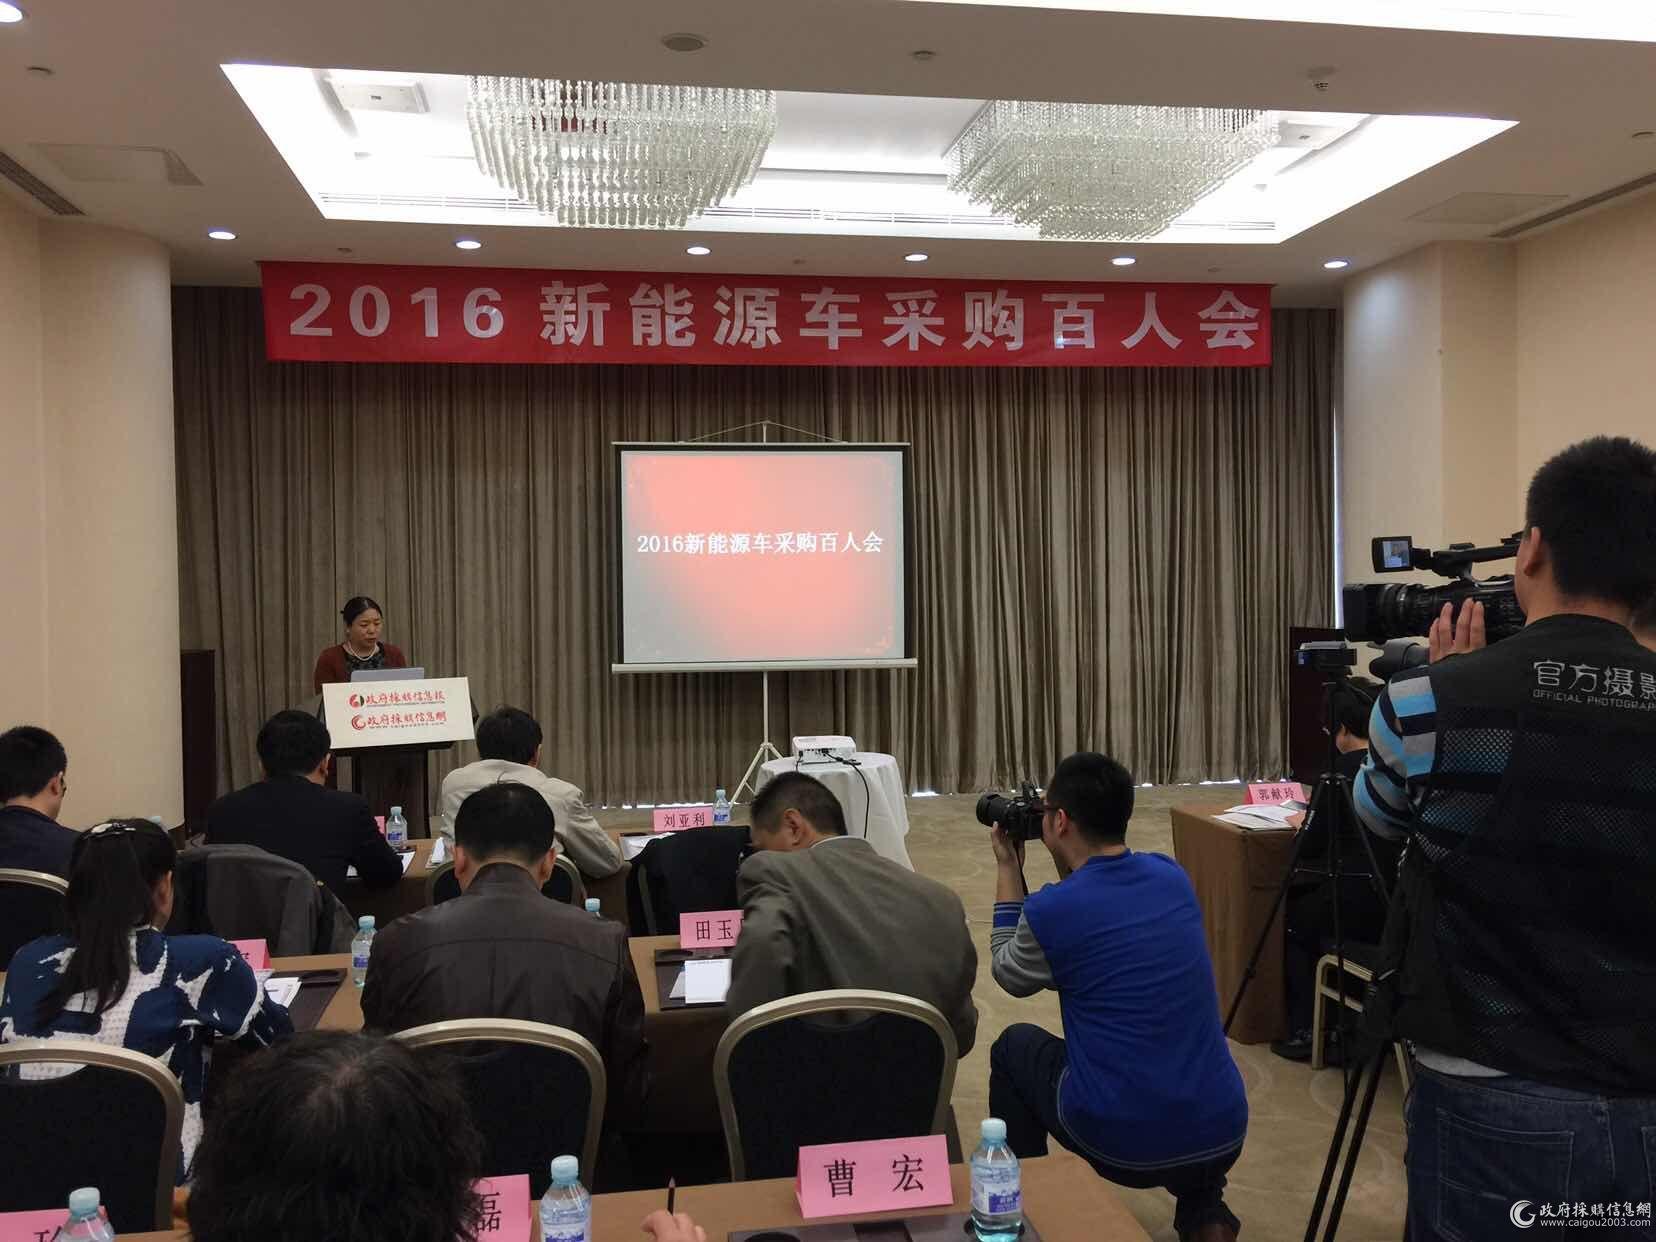 政府采购信息网总裁、政府采购信息报社社长刘亚利